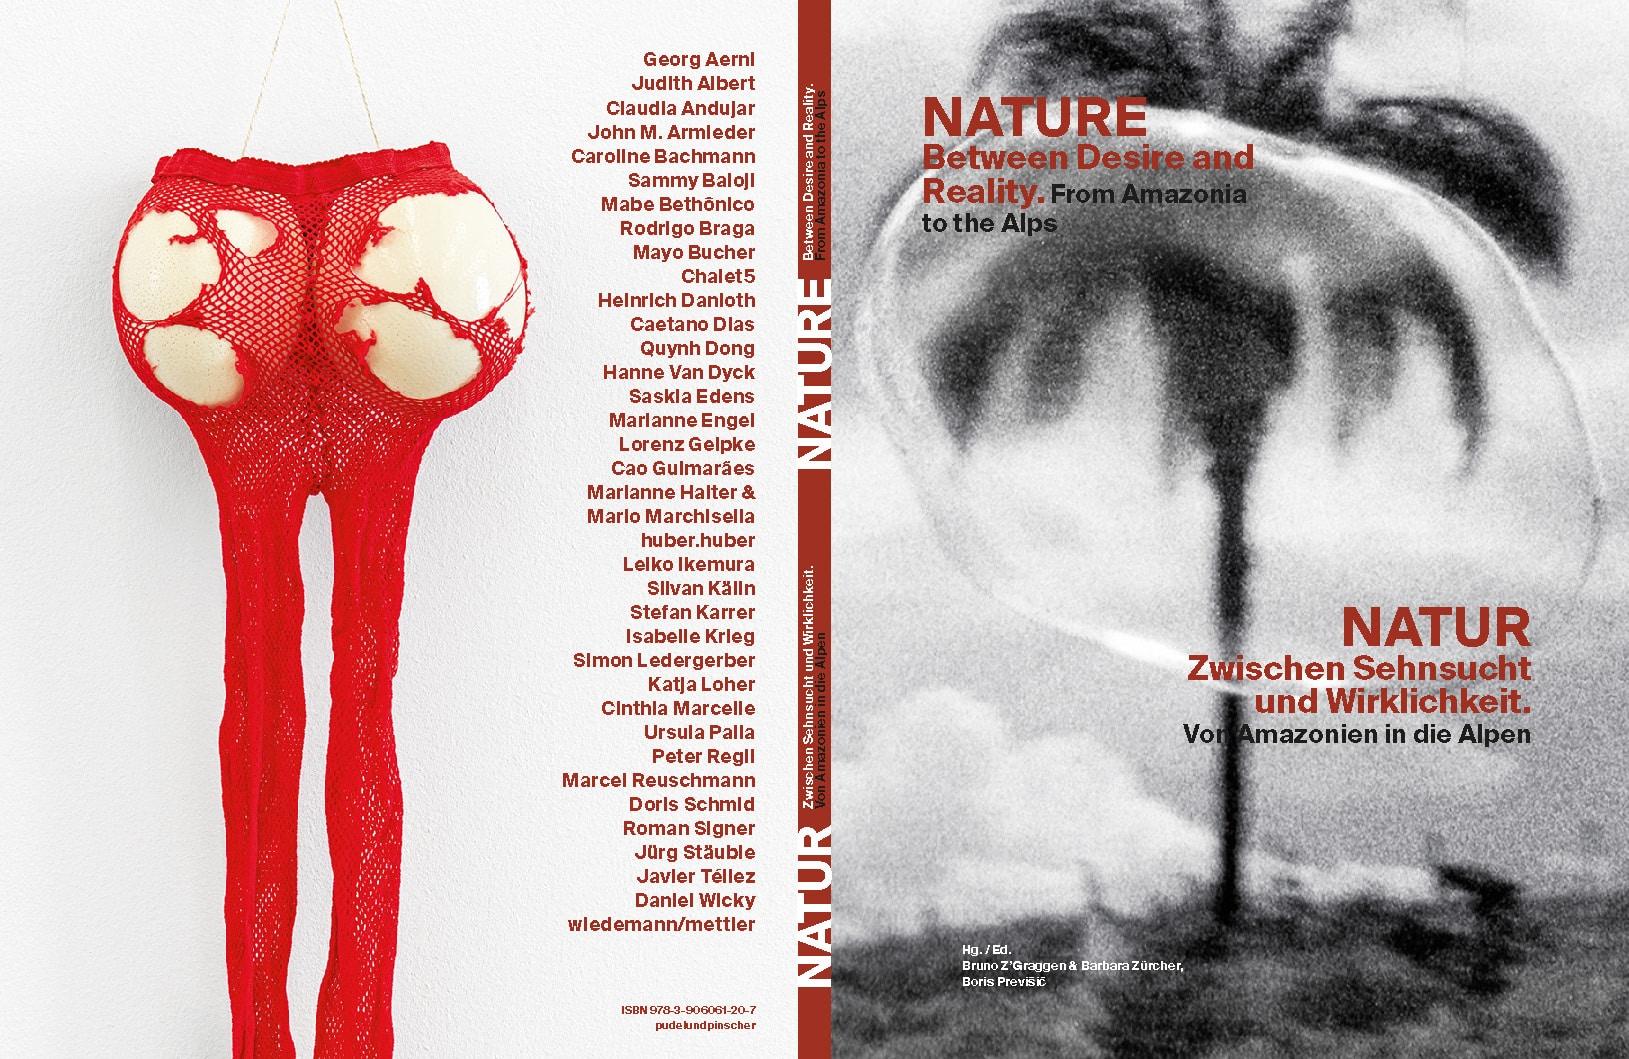 NATUR zwischen Sehnsucht und Wirklichkeit: Cover der Begleitpublikation